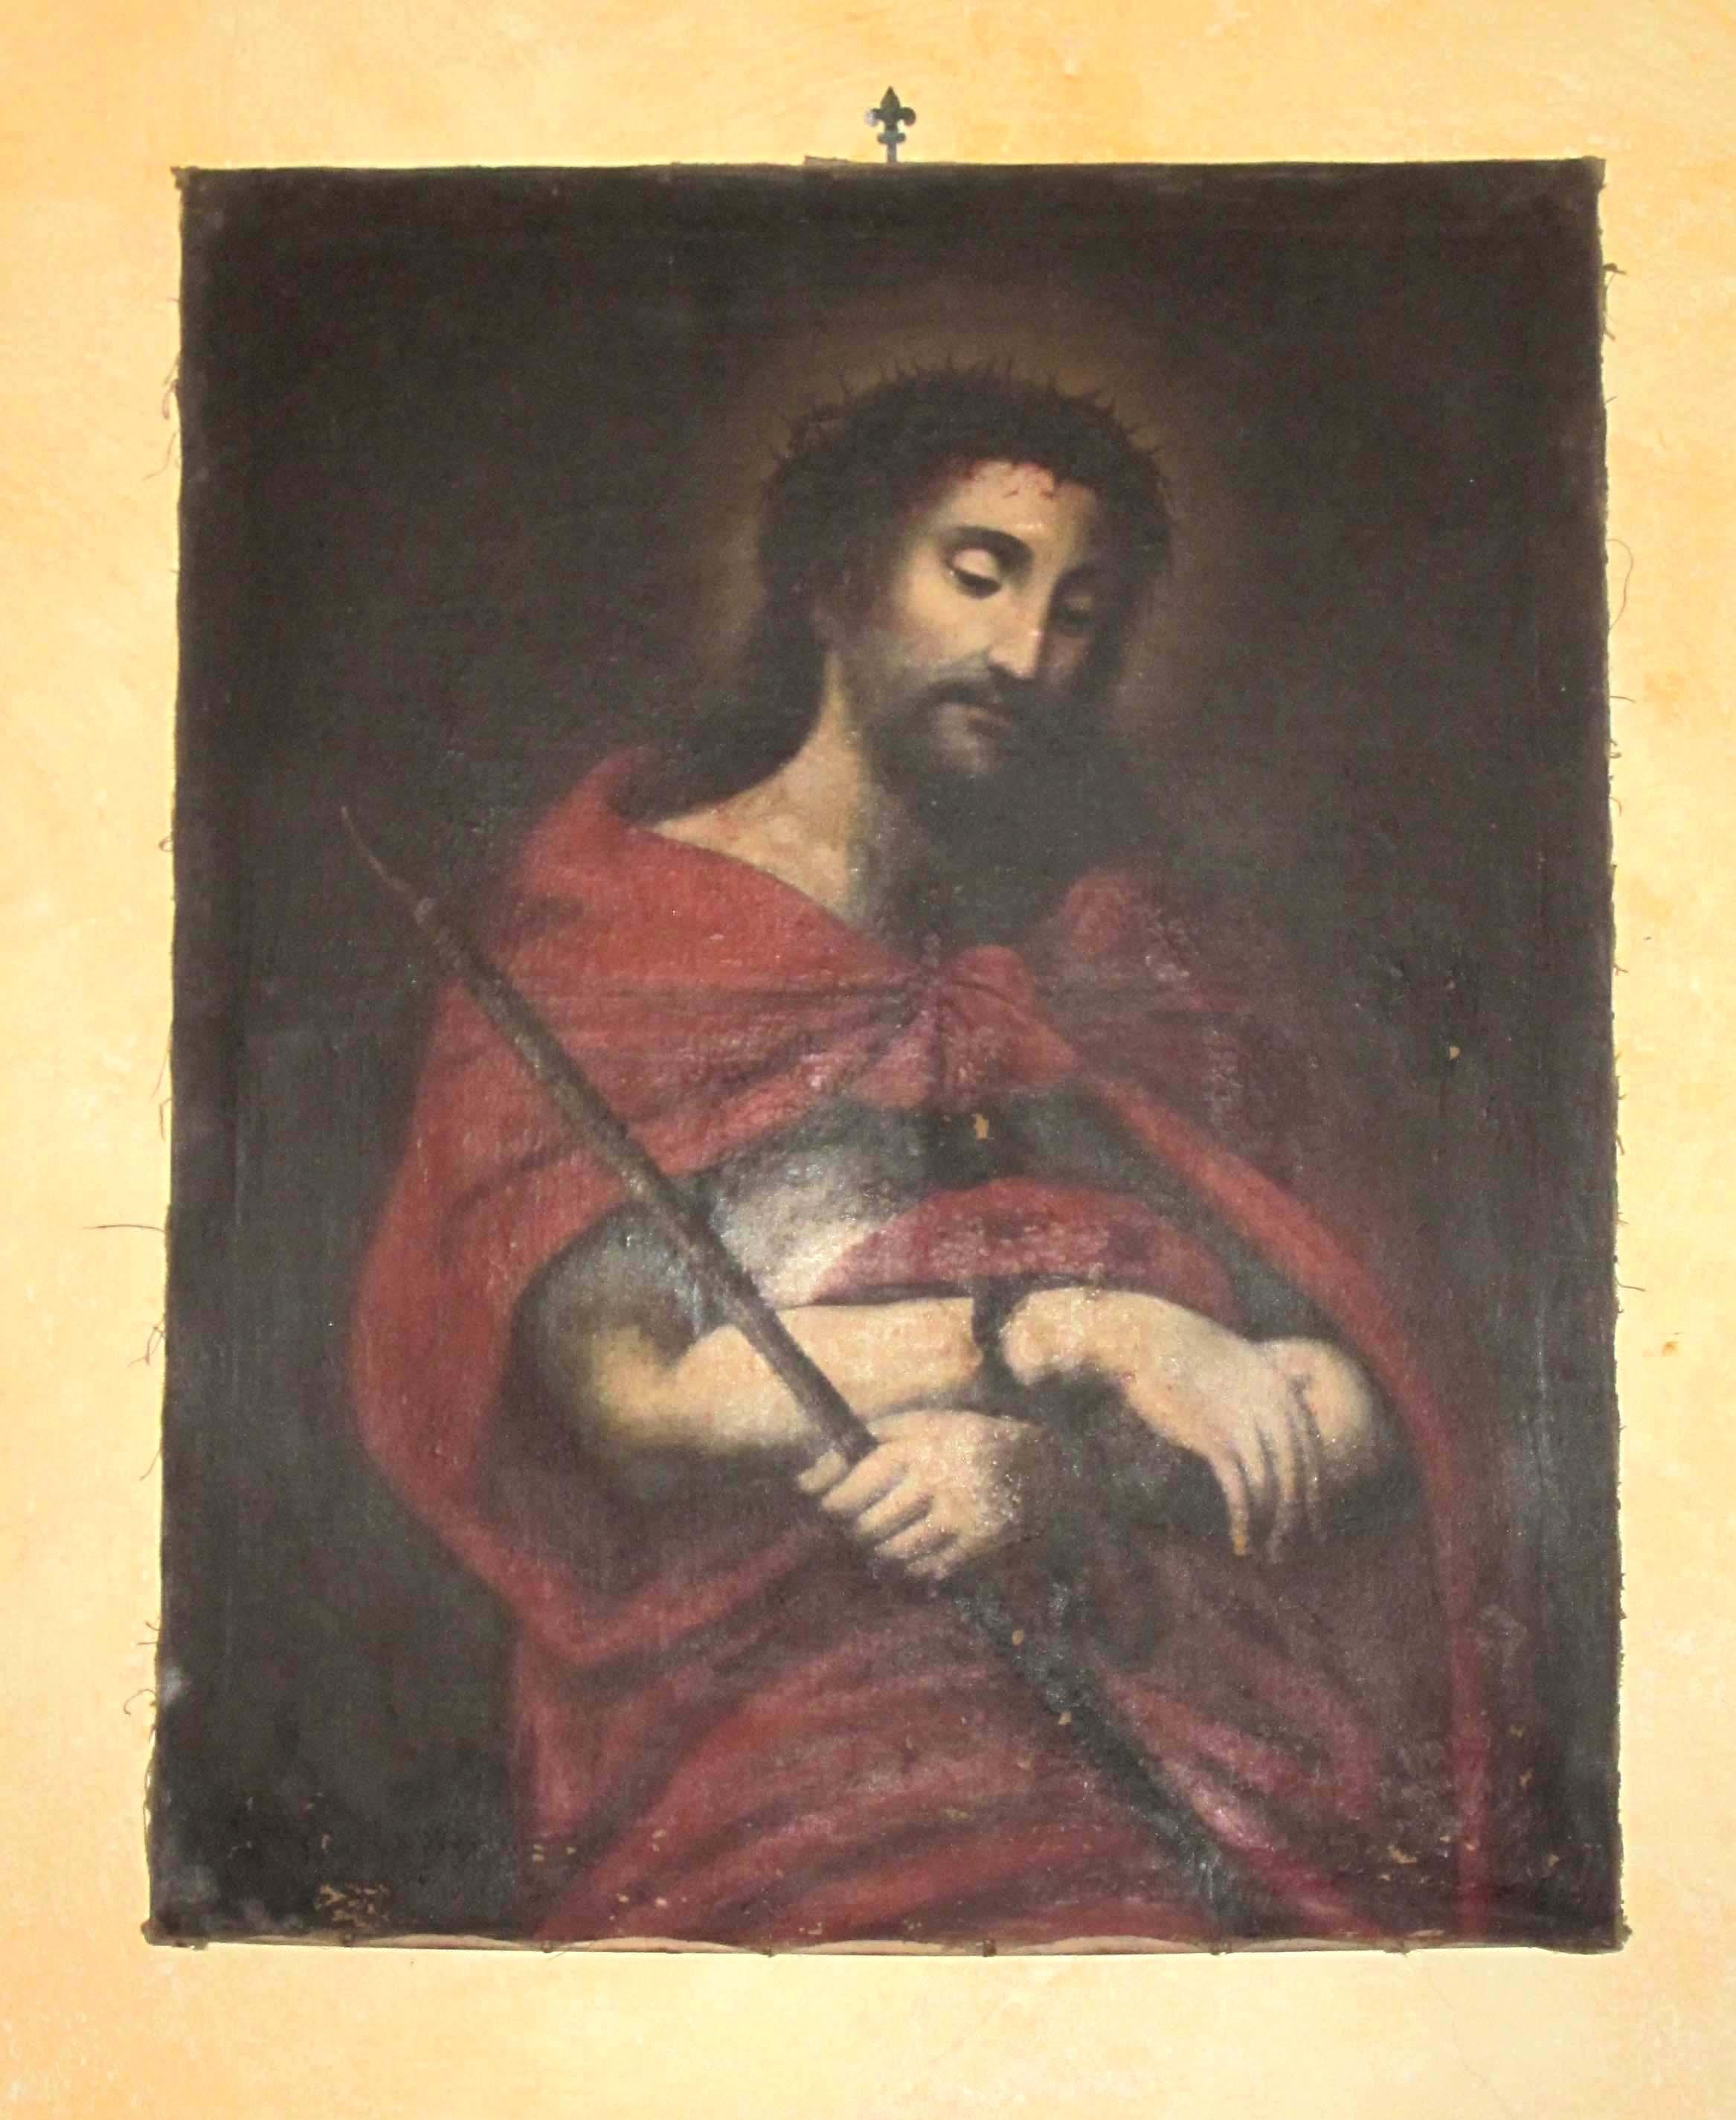 IGNOTO, Ecce Homo (copia, sec. XX)